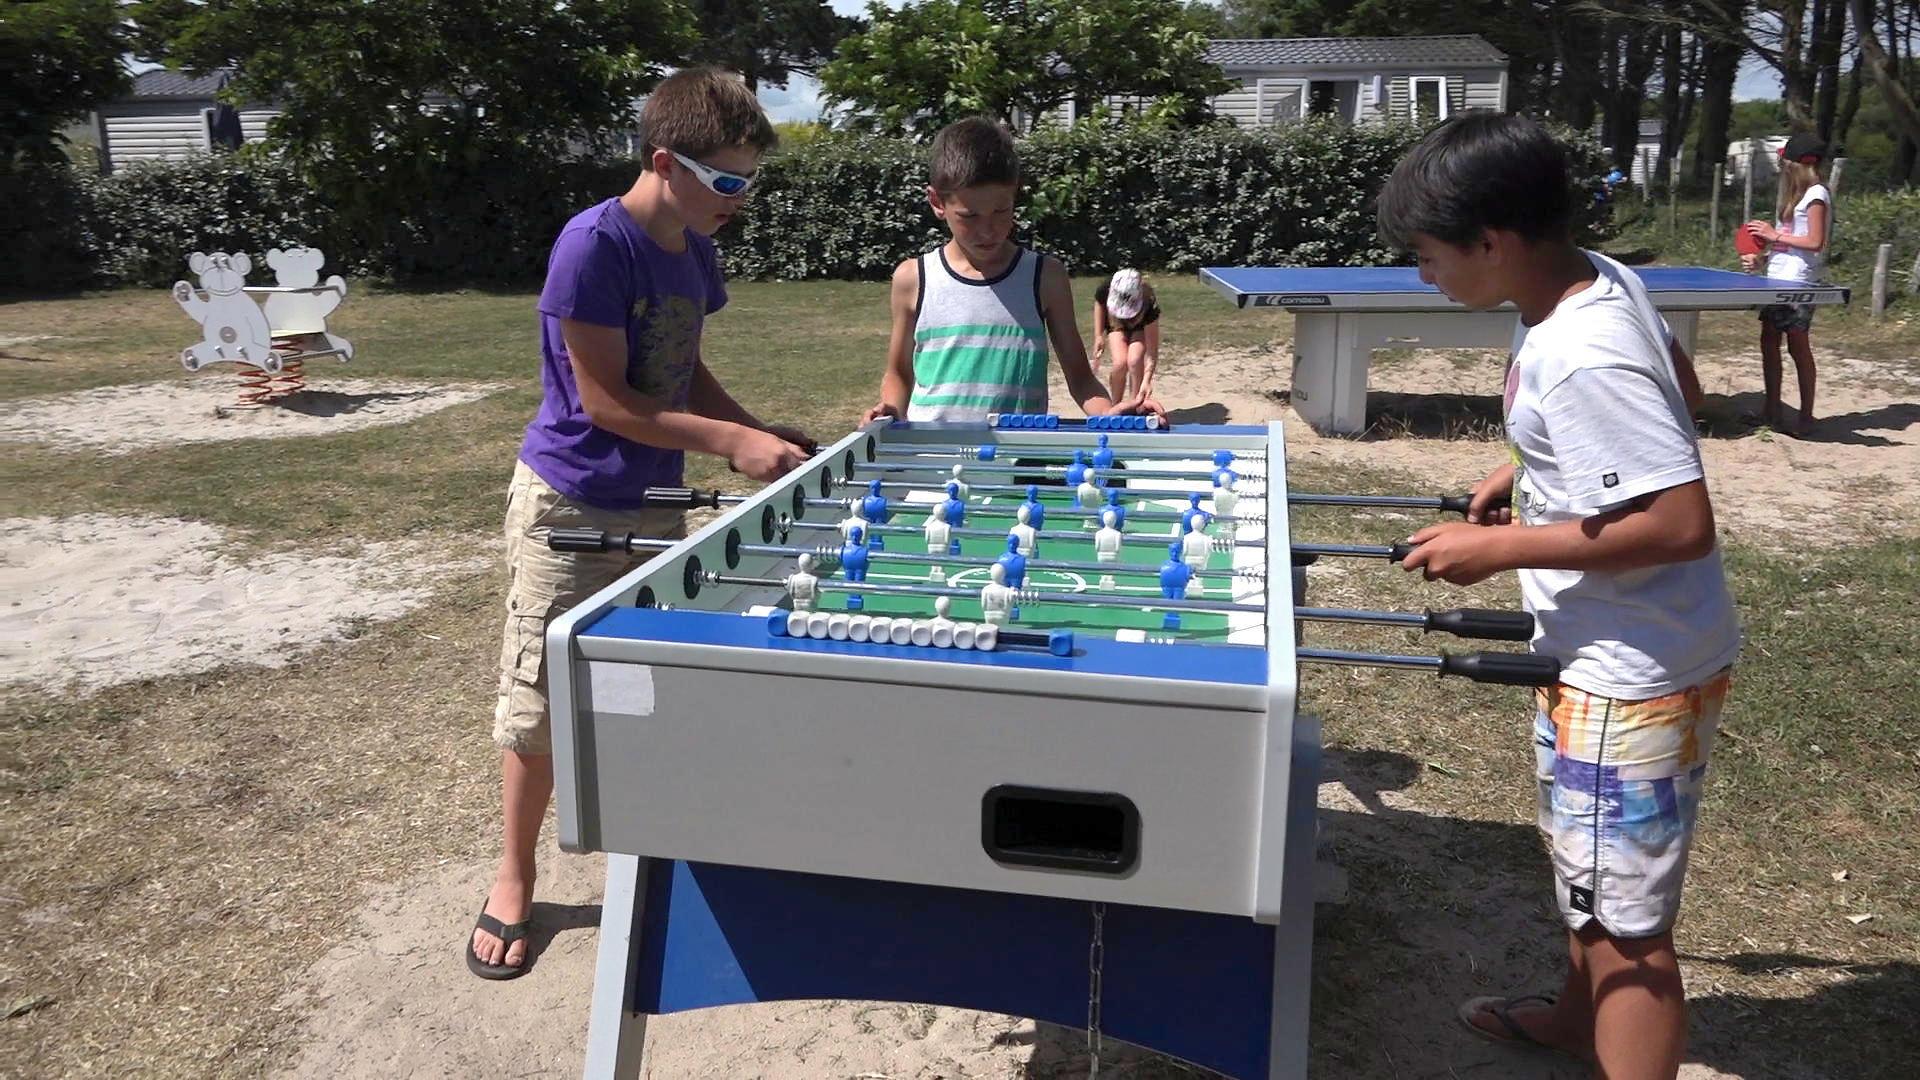 Des jeunes du camping de Trégunc jouent au baby foot